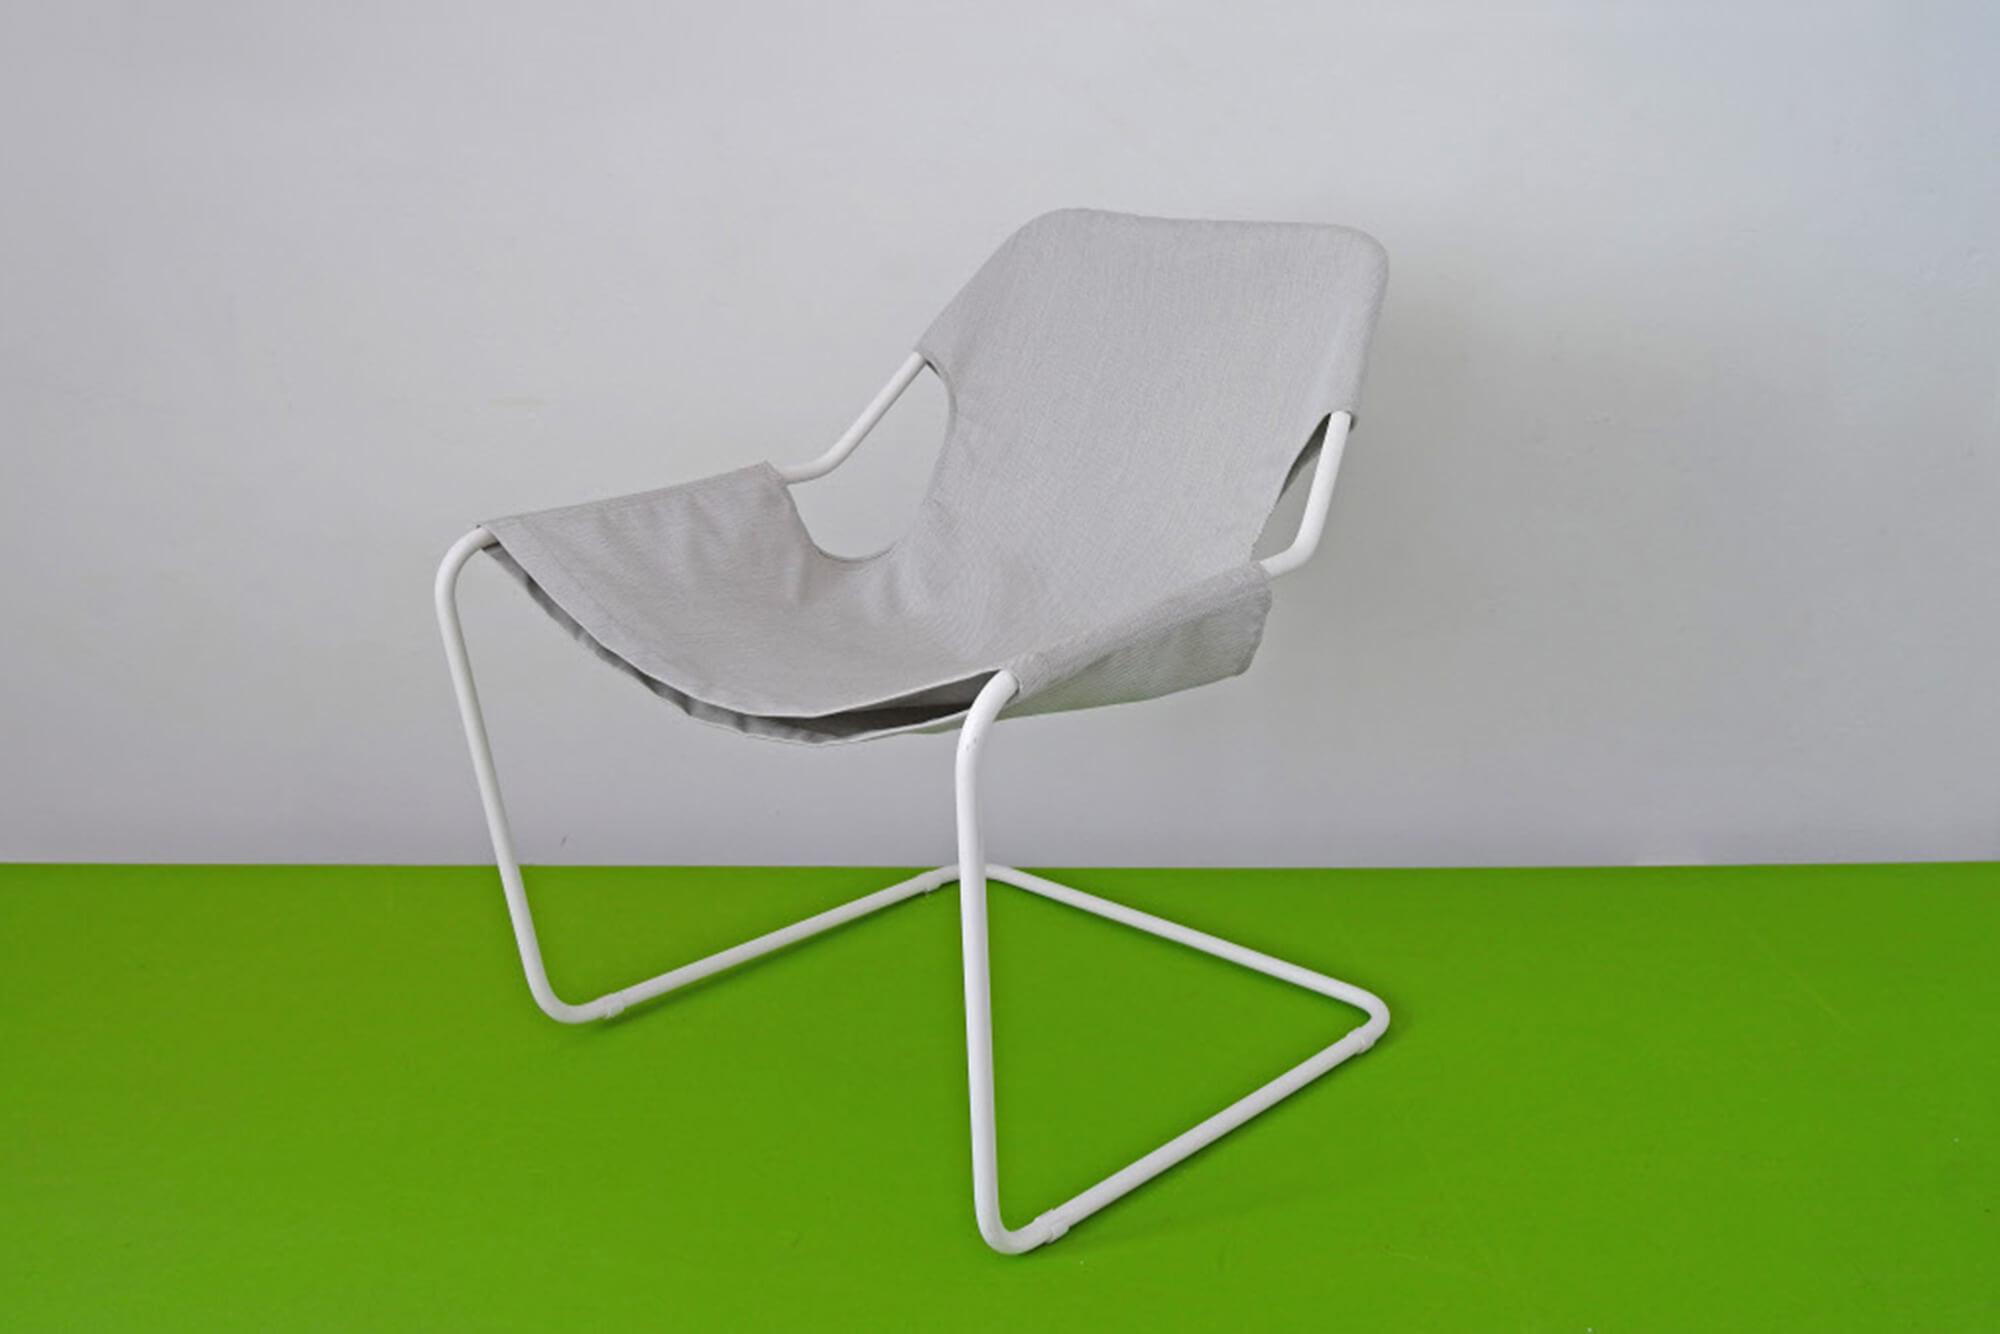 Una silla con telas grises de Sunbrella y una estructura de metal blanco